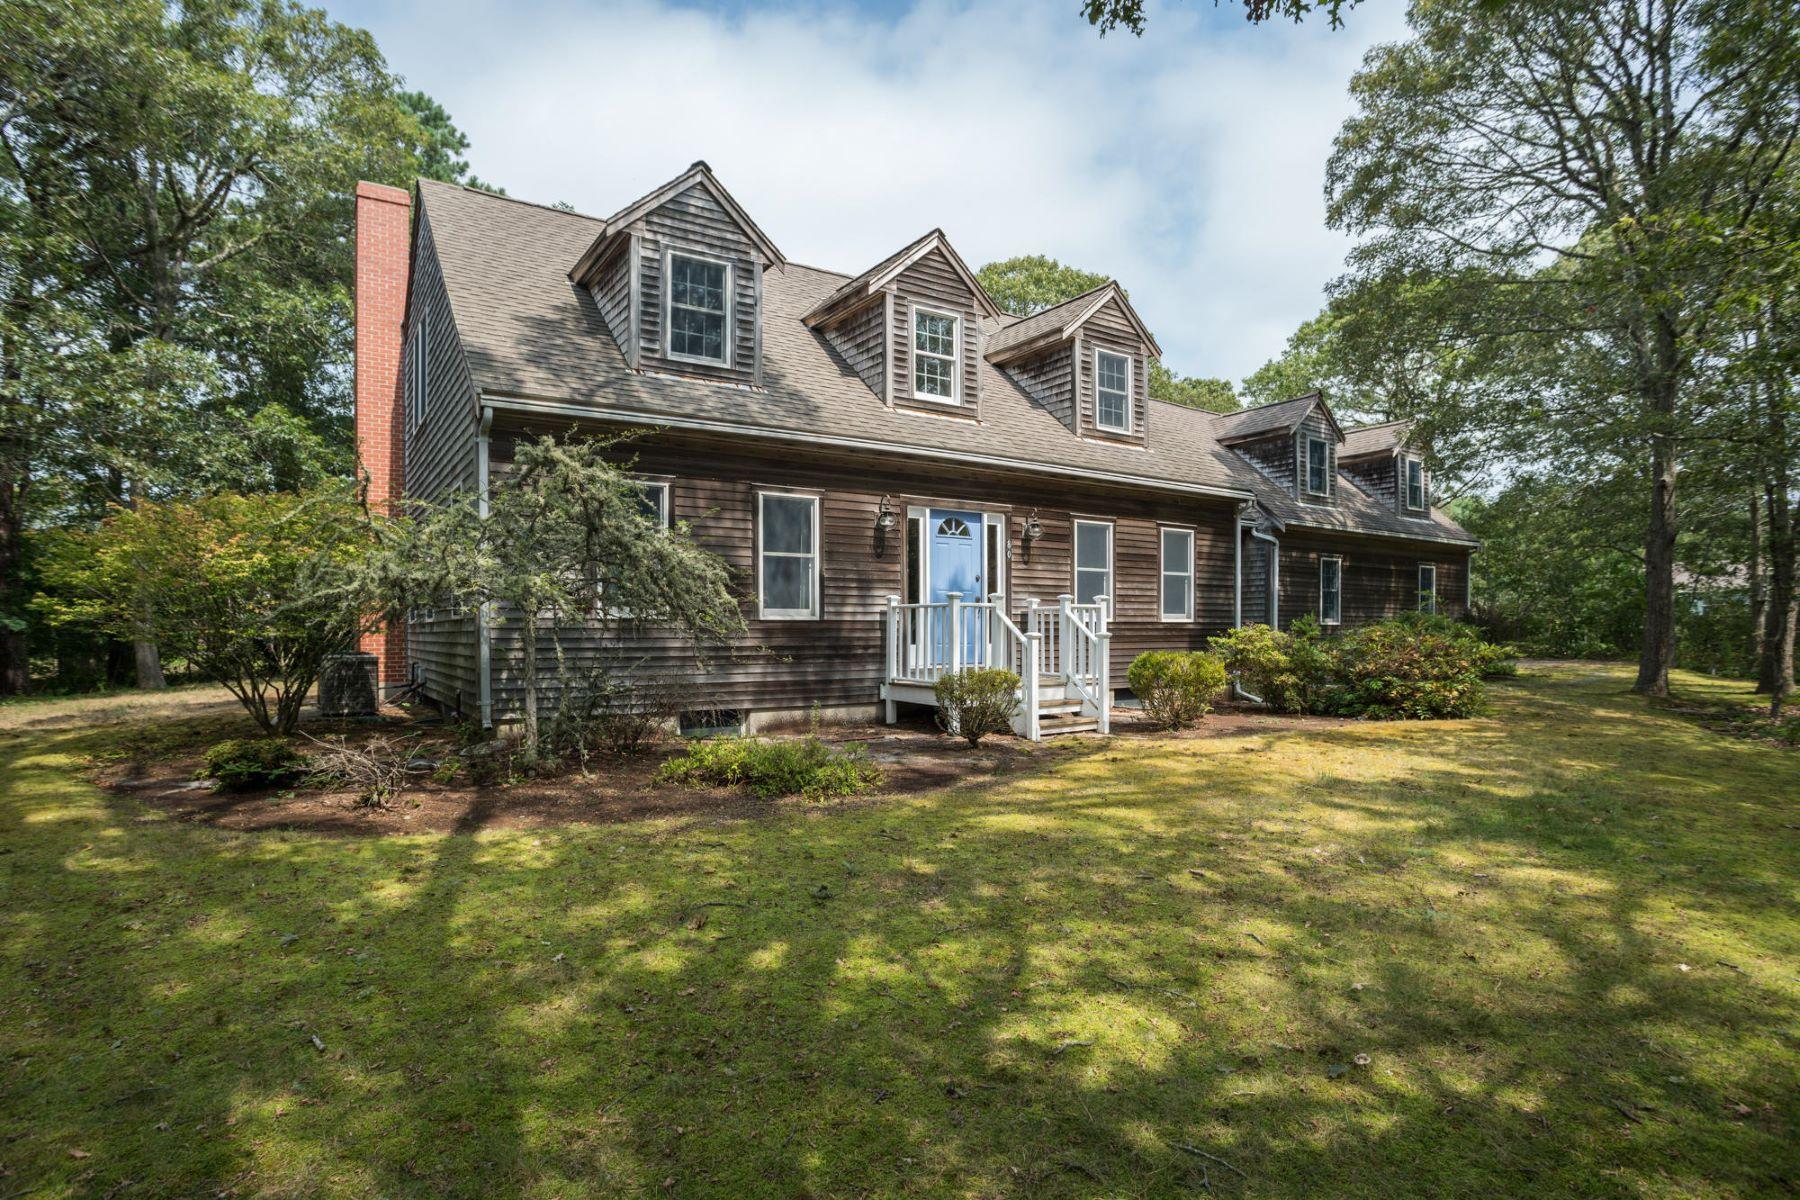 Single Family Home for Sale at 80 Plateau Avenue, Eastham, MA Eastham, Massachusetts, 02642 United States